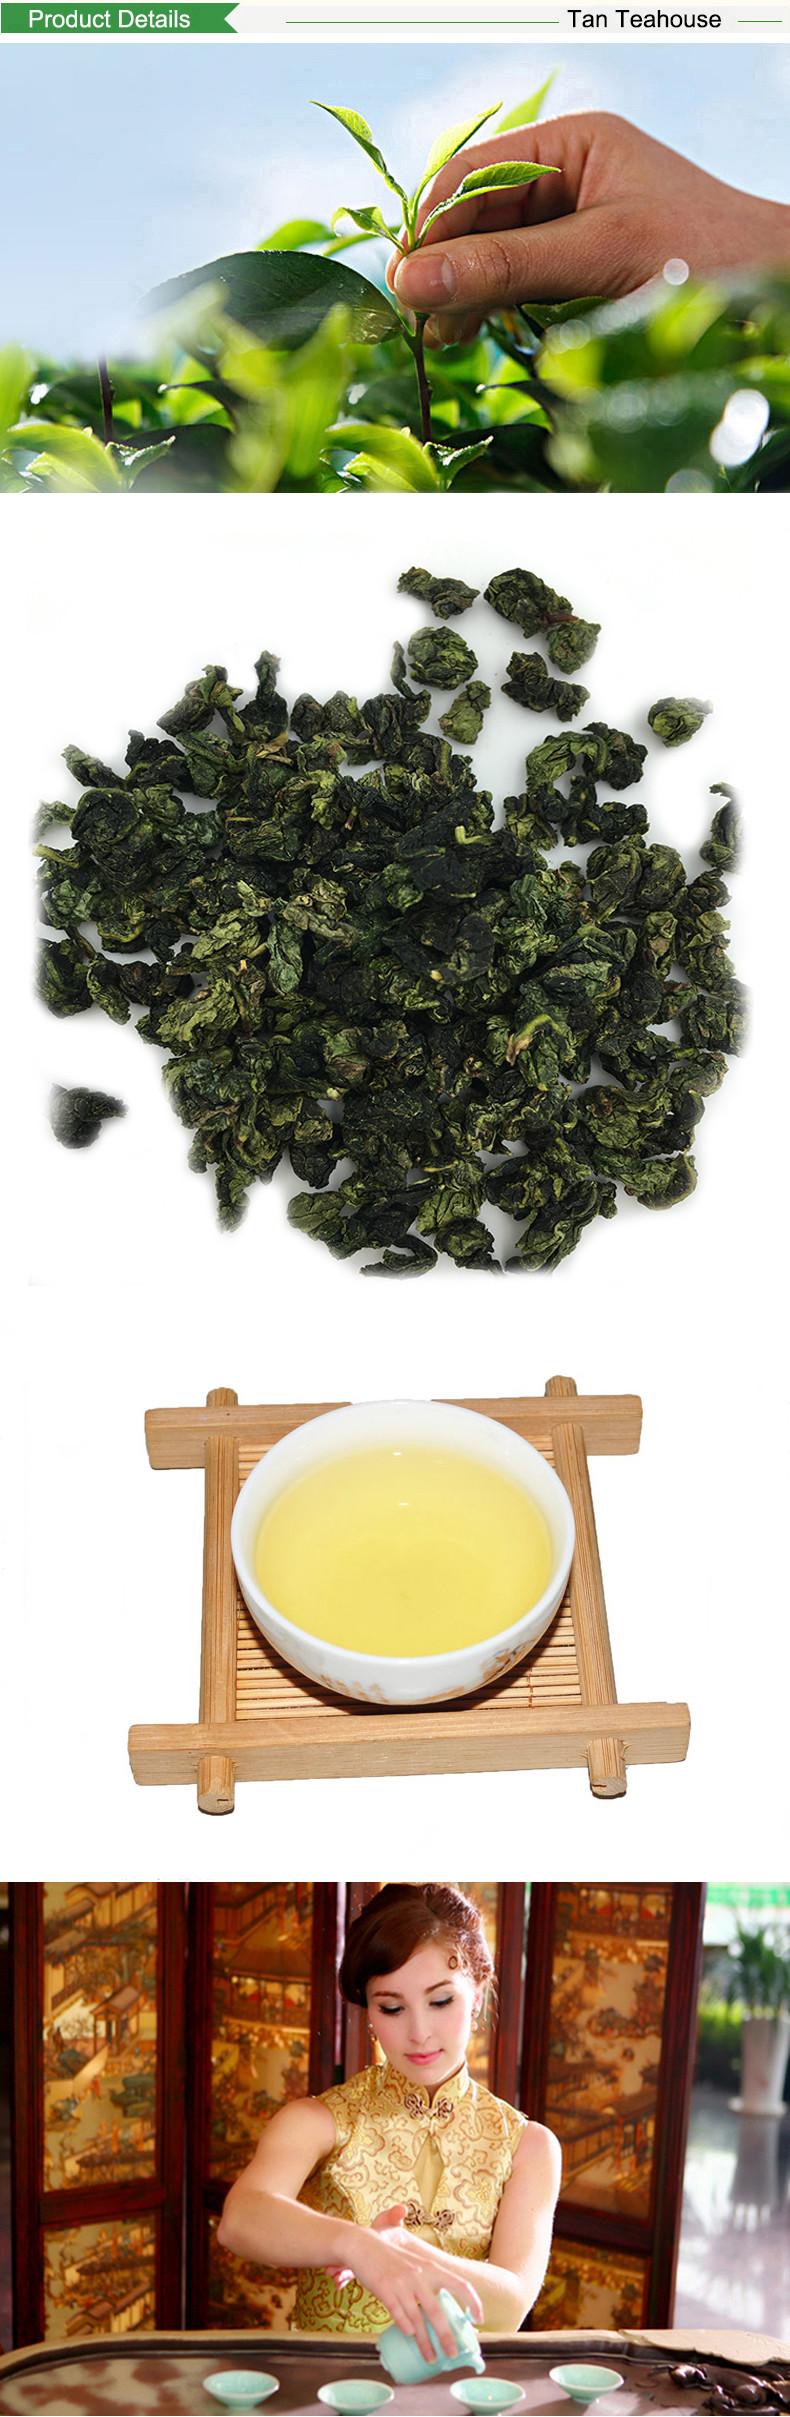 1752 свежий Китайский Улун чай 100 г Фуцзянь anxi tieguanyin потерять чай tikuanyin Улун зеленый чай галстук Гуань Инь органический чай